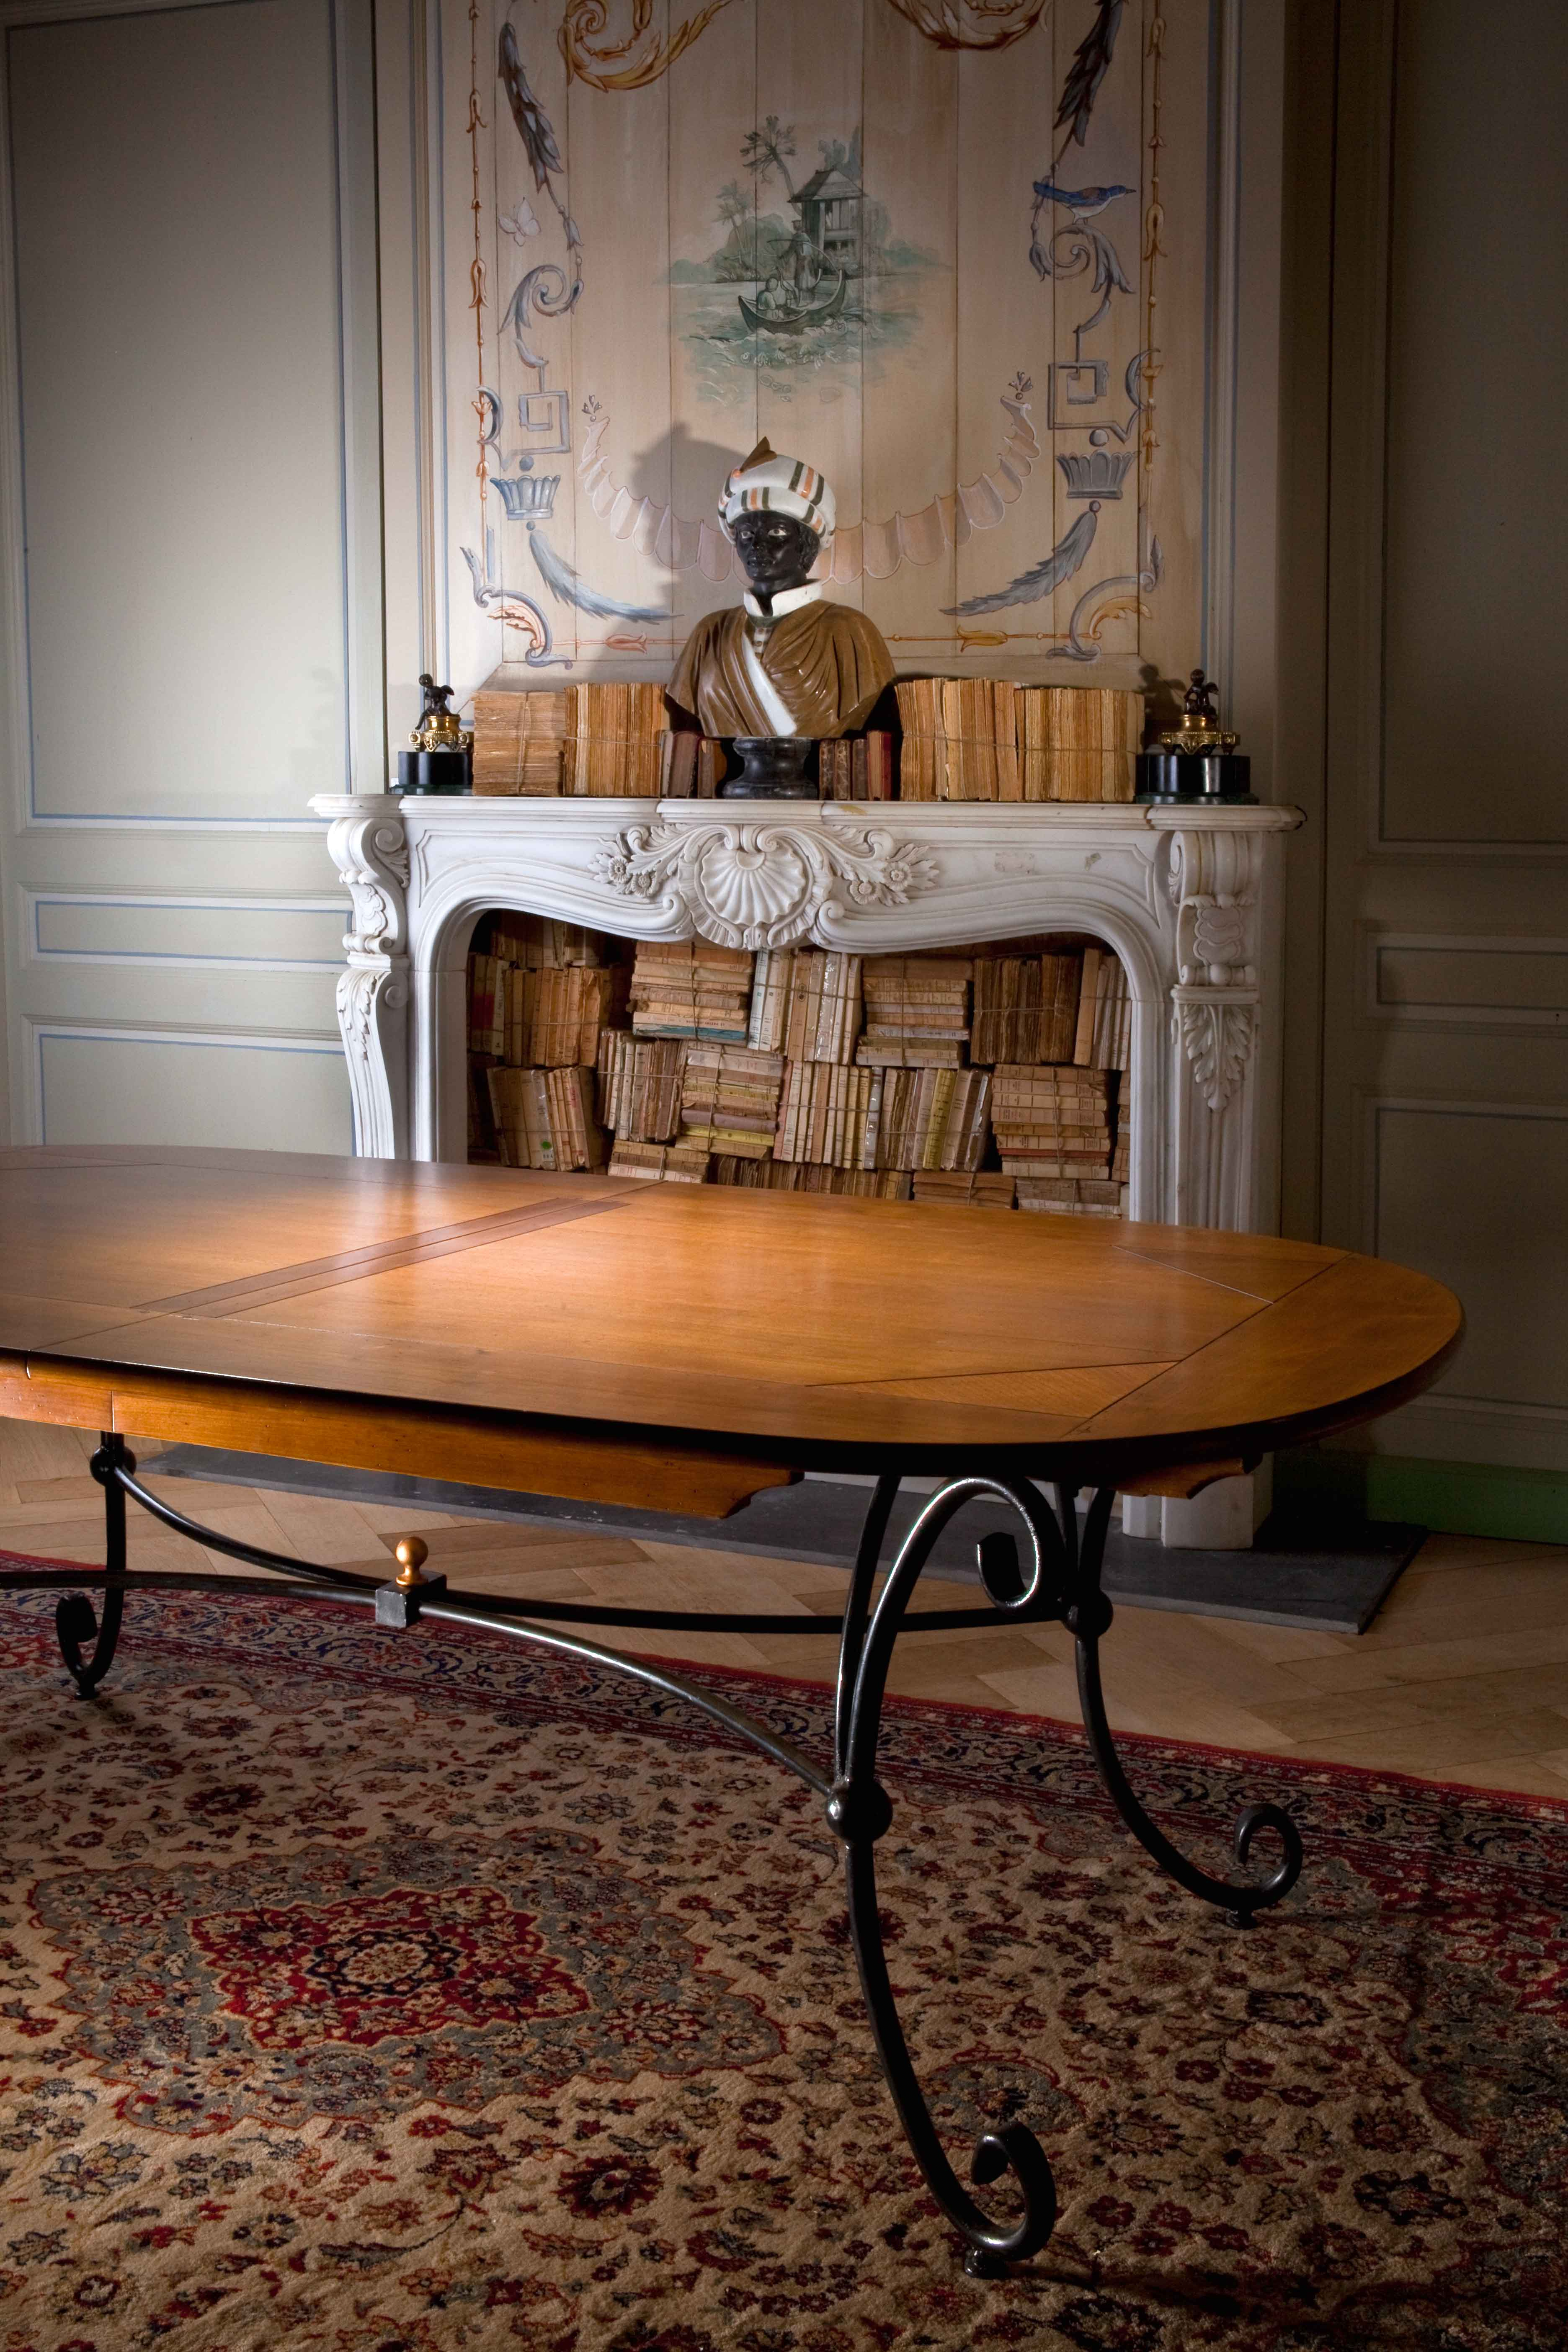 Table Ovale Club Piettement Fer Forgé La Qualité Française intérieur Table Salle A Manger En Fer Forgé